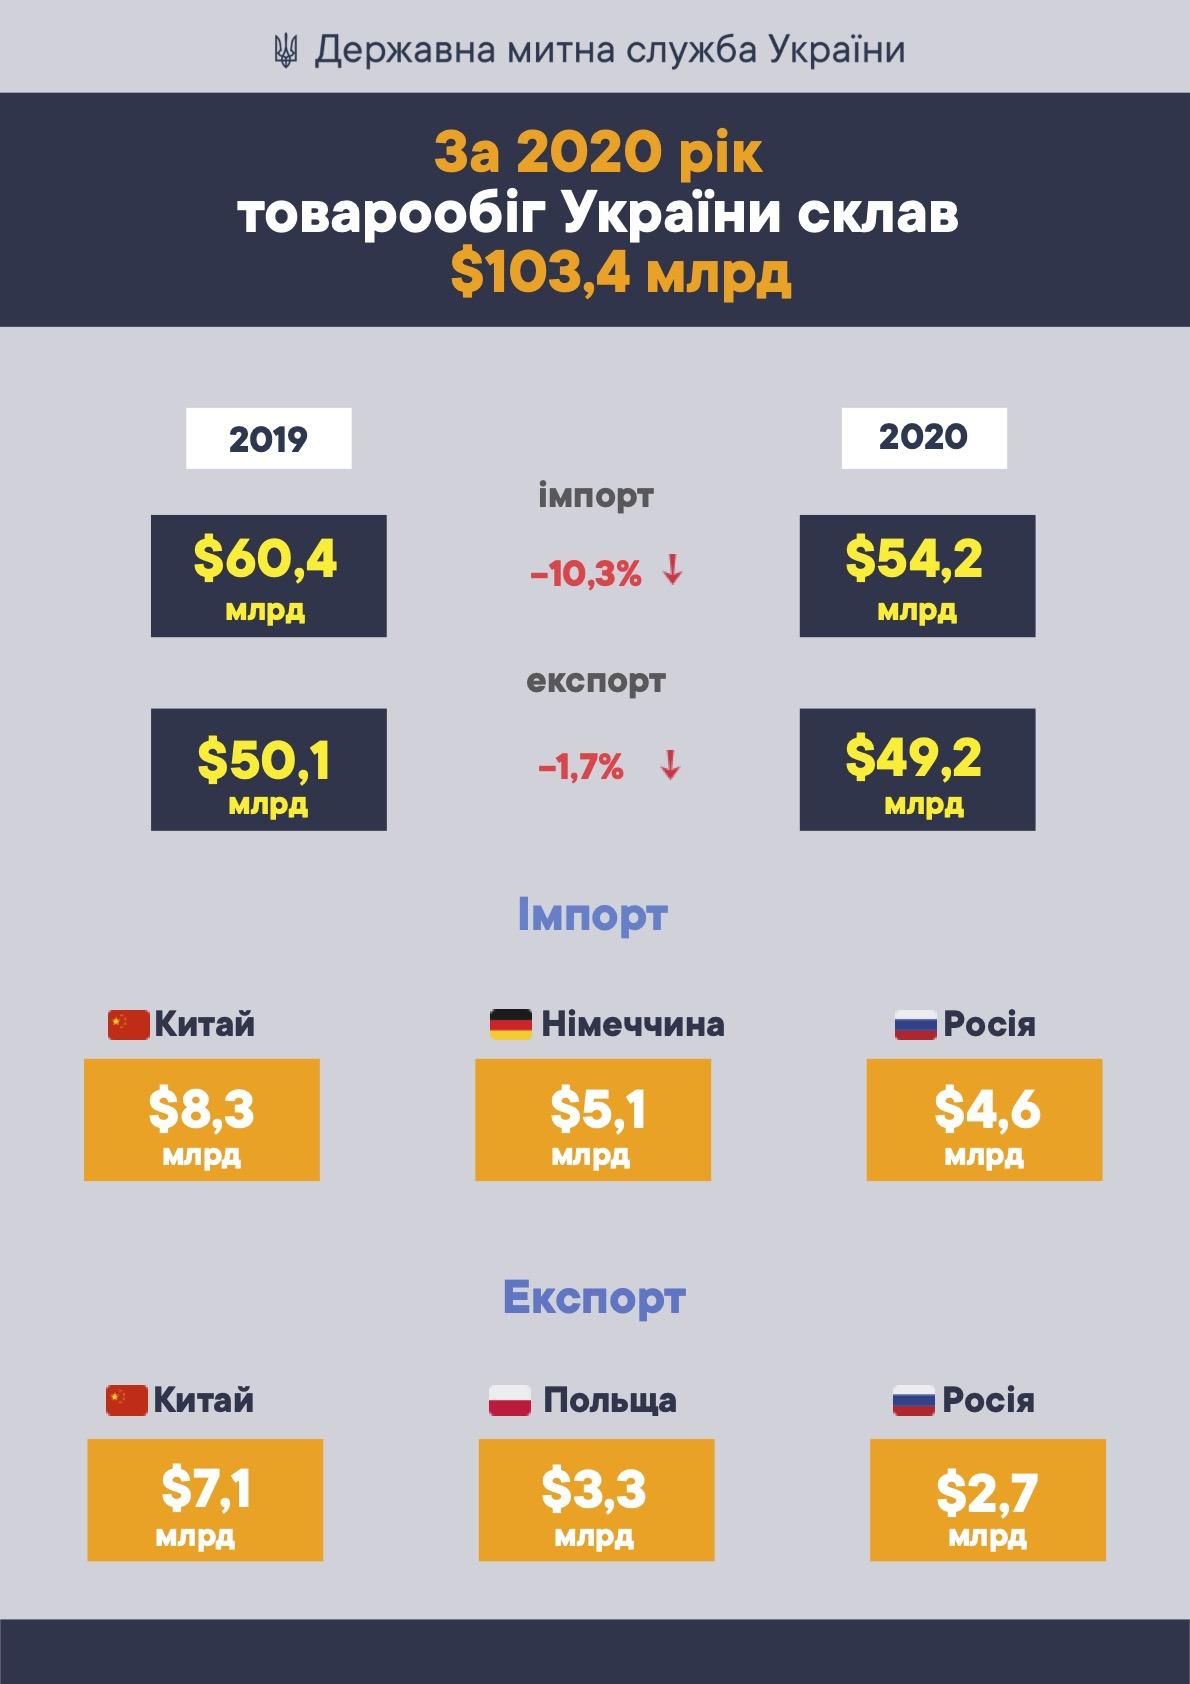 За 2020 рік товарообіг України склав $103,4 млрд